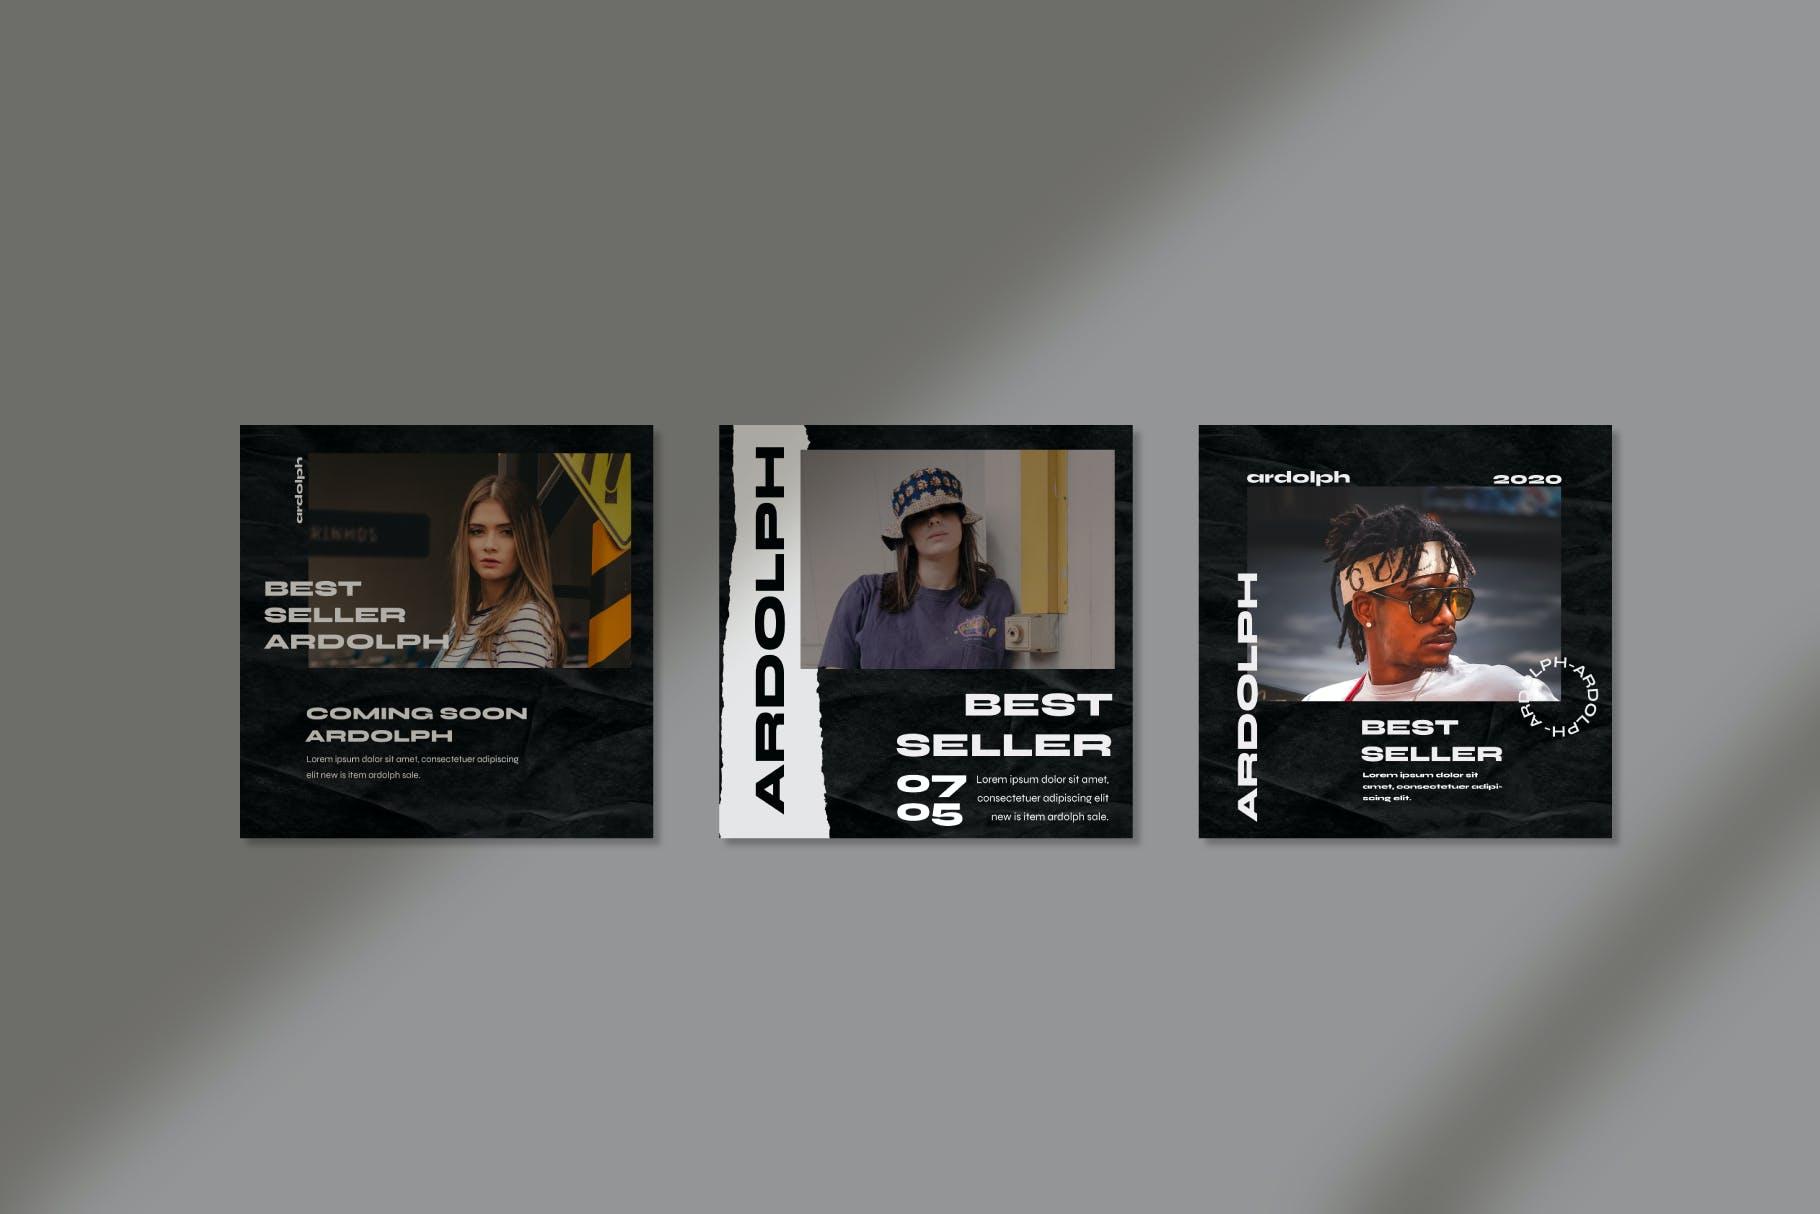 时尚撕纸效果街头潮牌品牌推广新媒体海报设计PSD模板 Ardolph – Instagram Post and Stories插图(5)